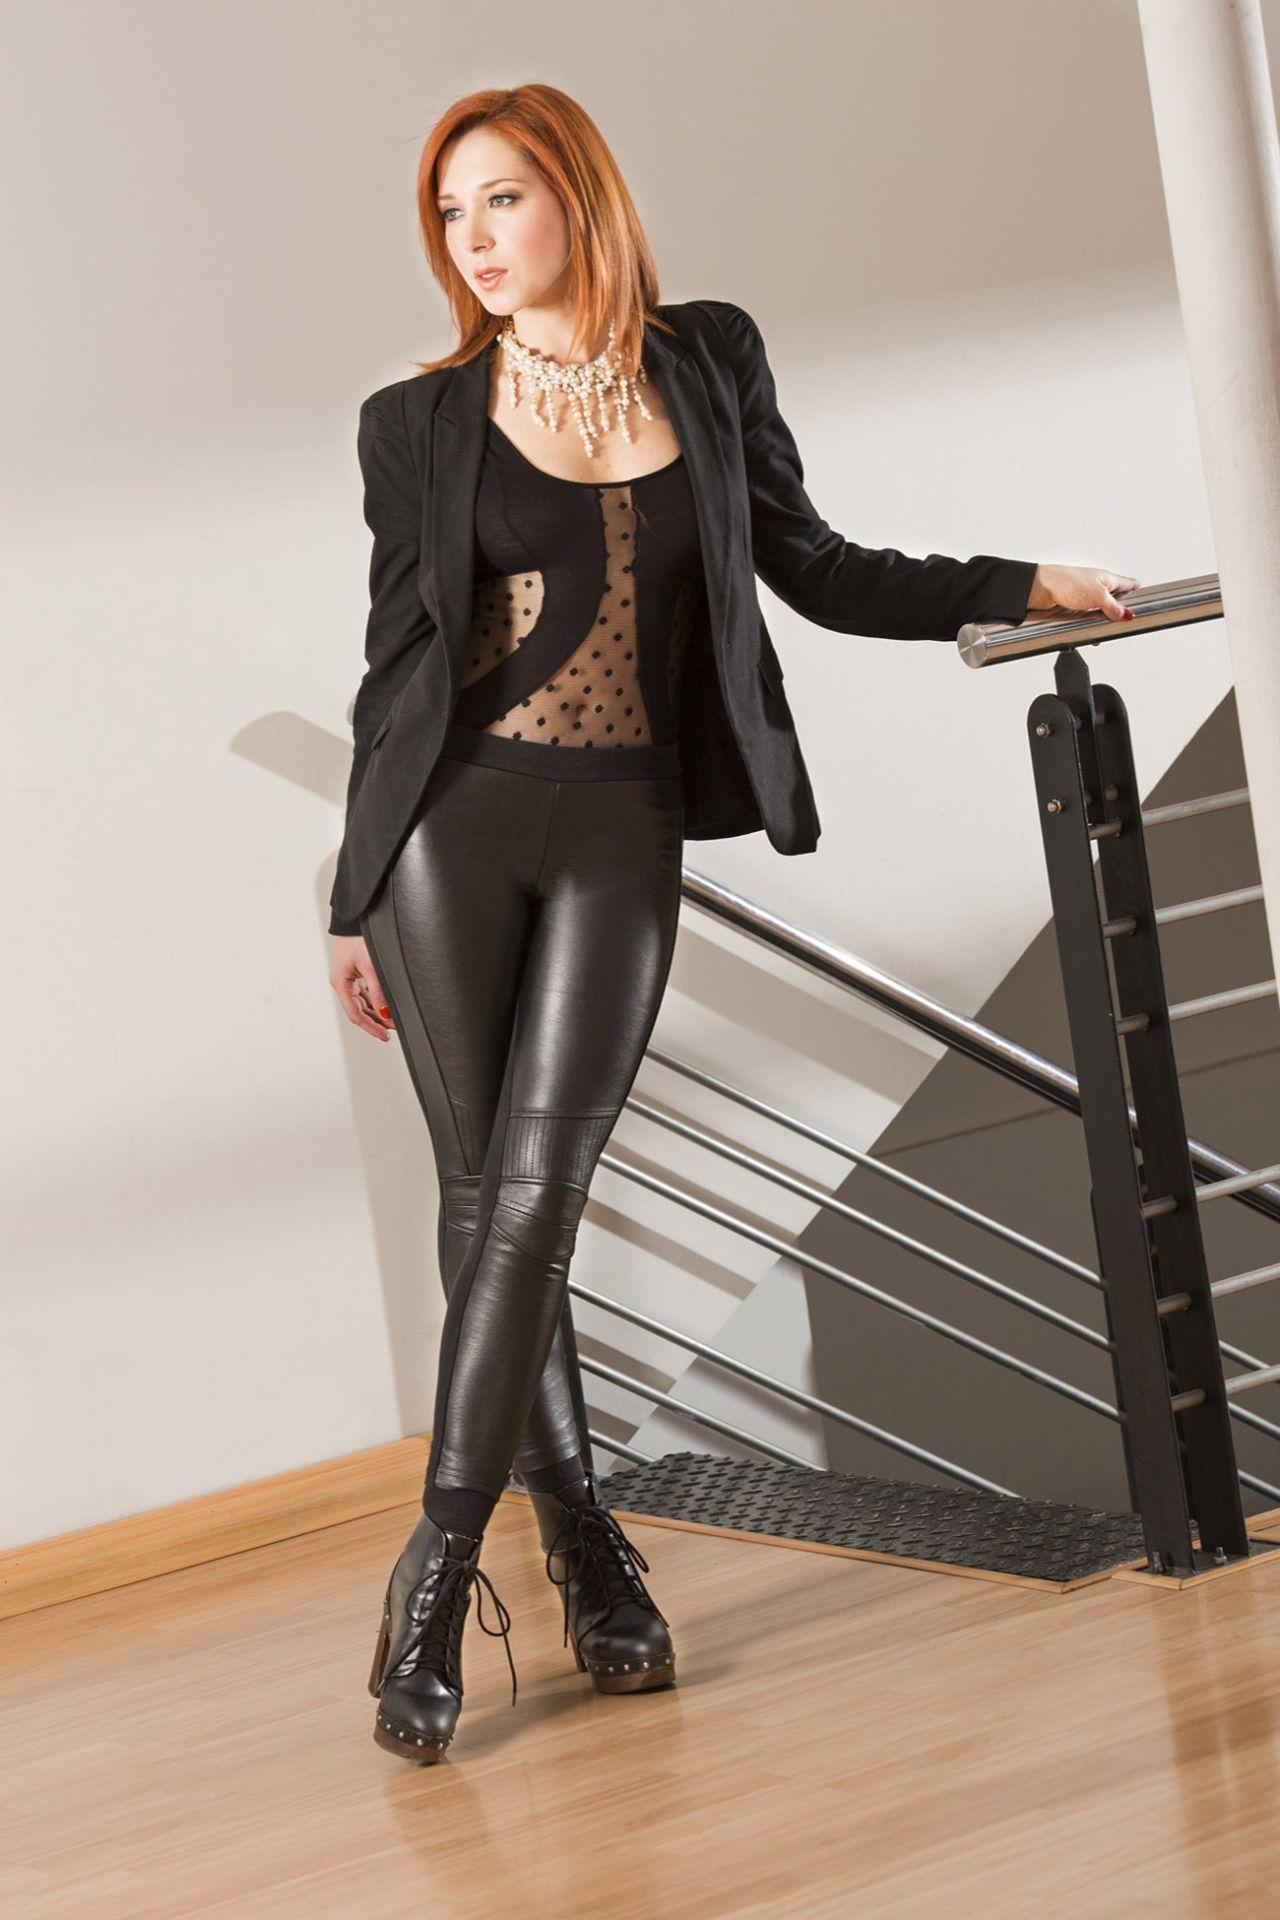 Leather leggings slut